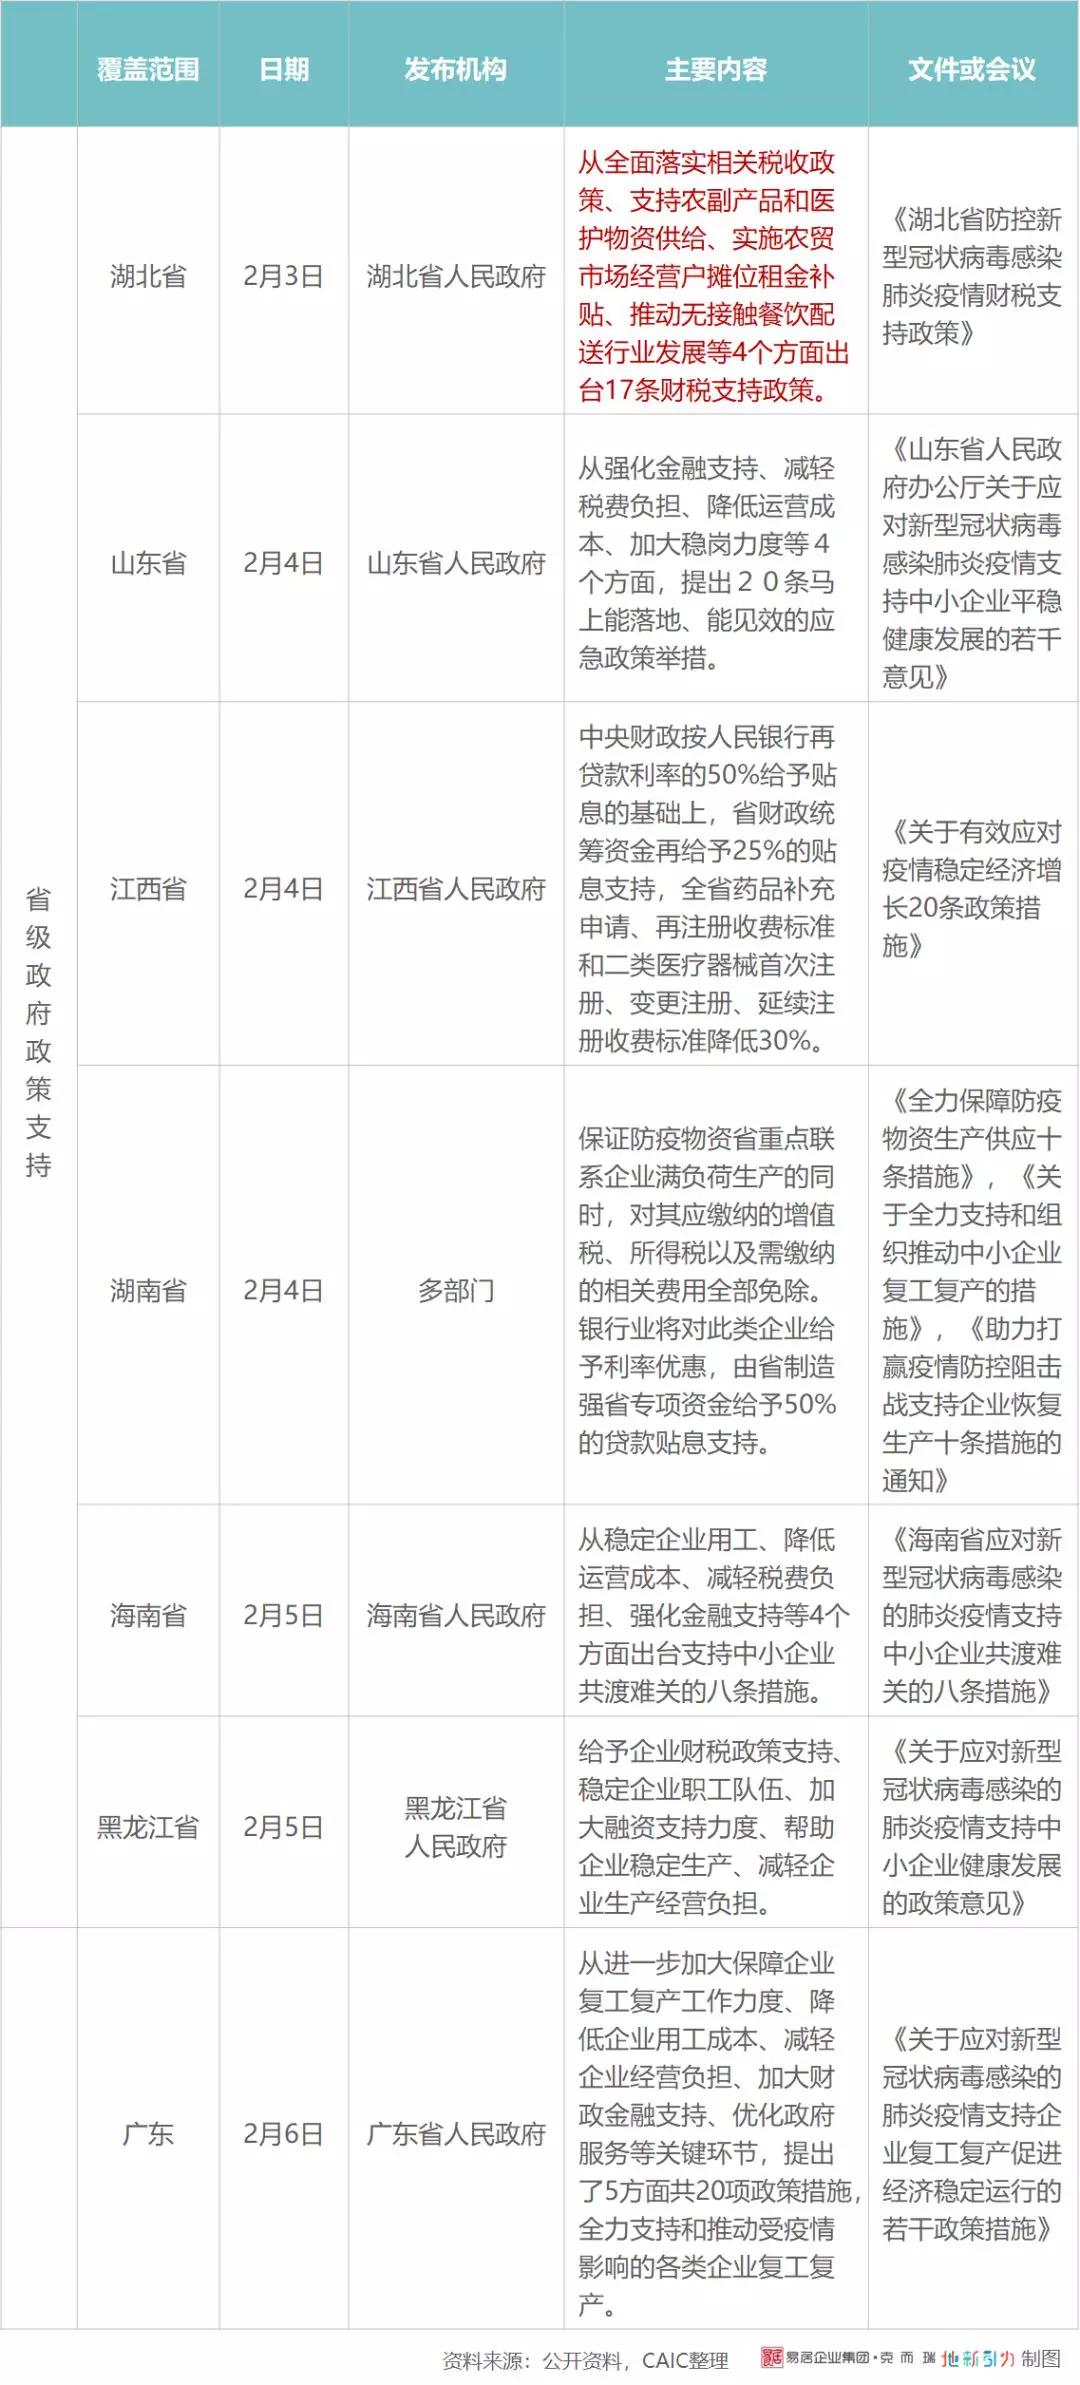 微信图片_20200213105002.png